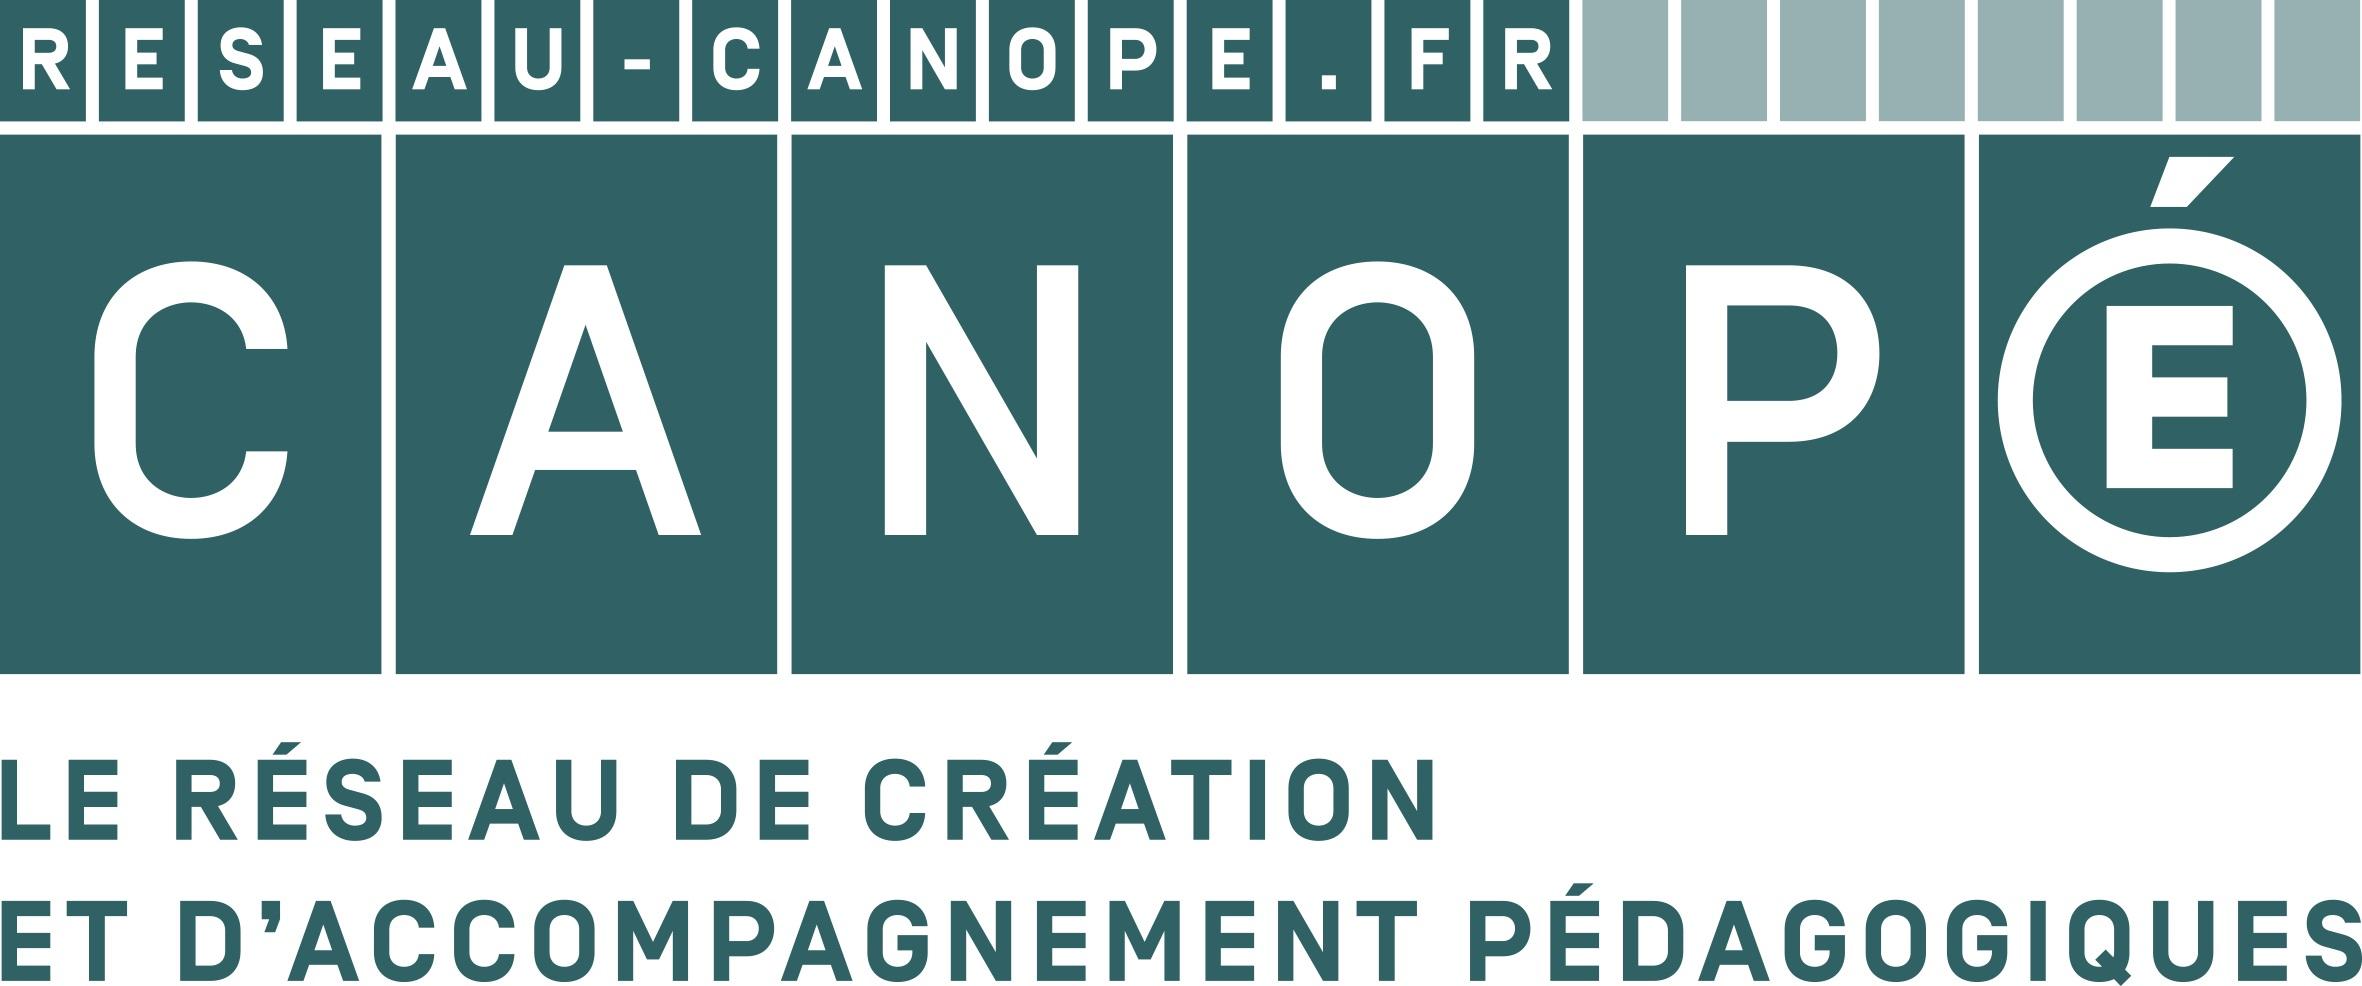 <a href='https://www.reseau-canope.fr/' target='_blank'>CANOPÉ</a>